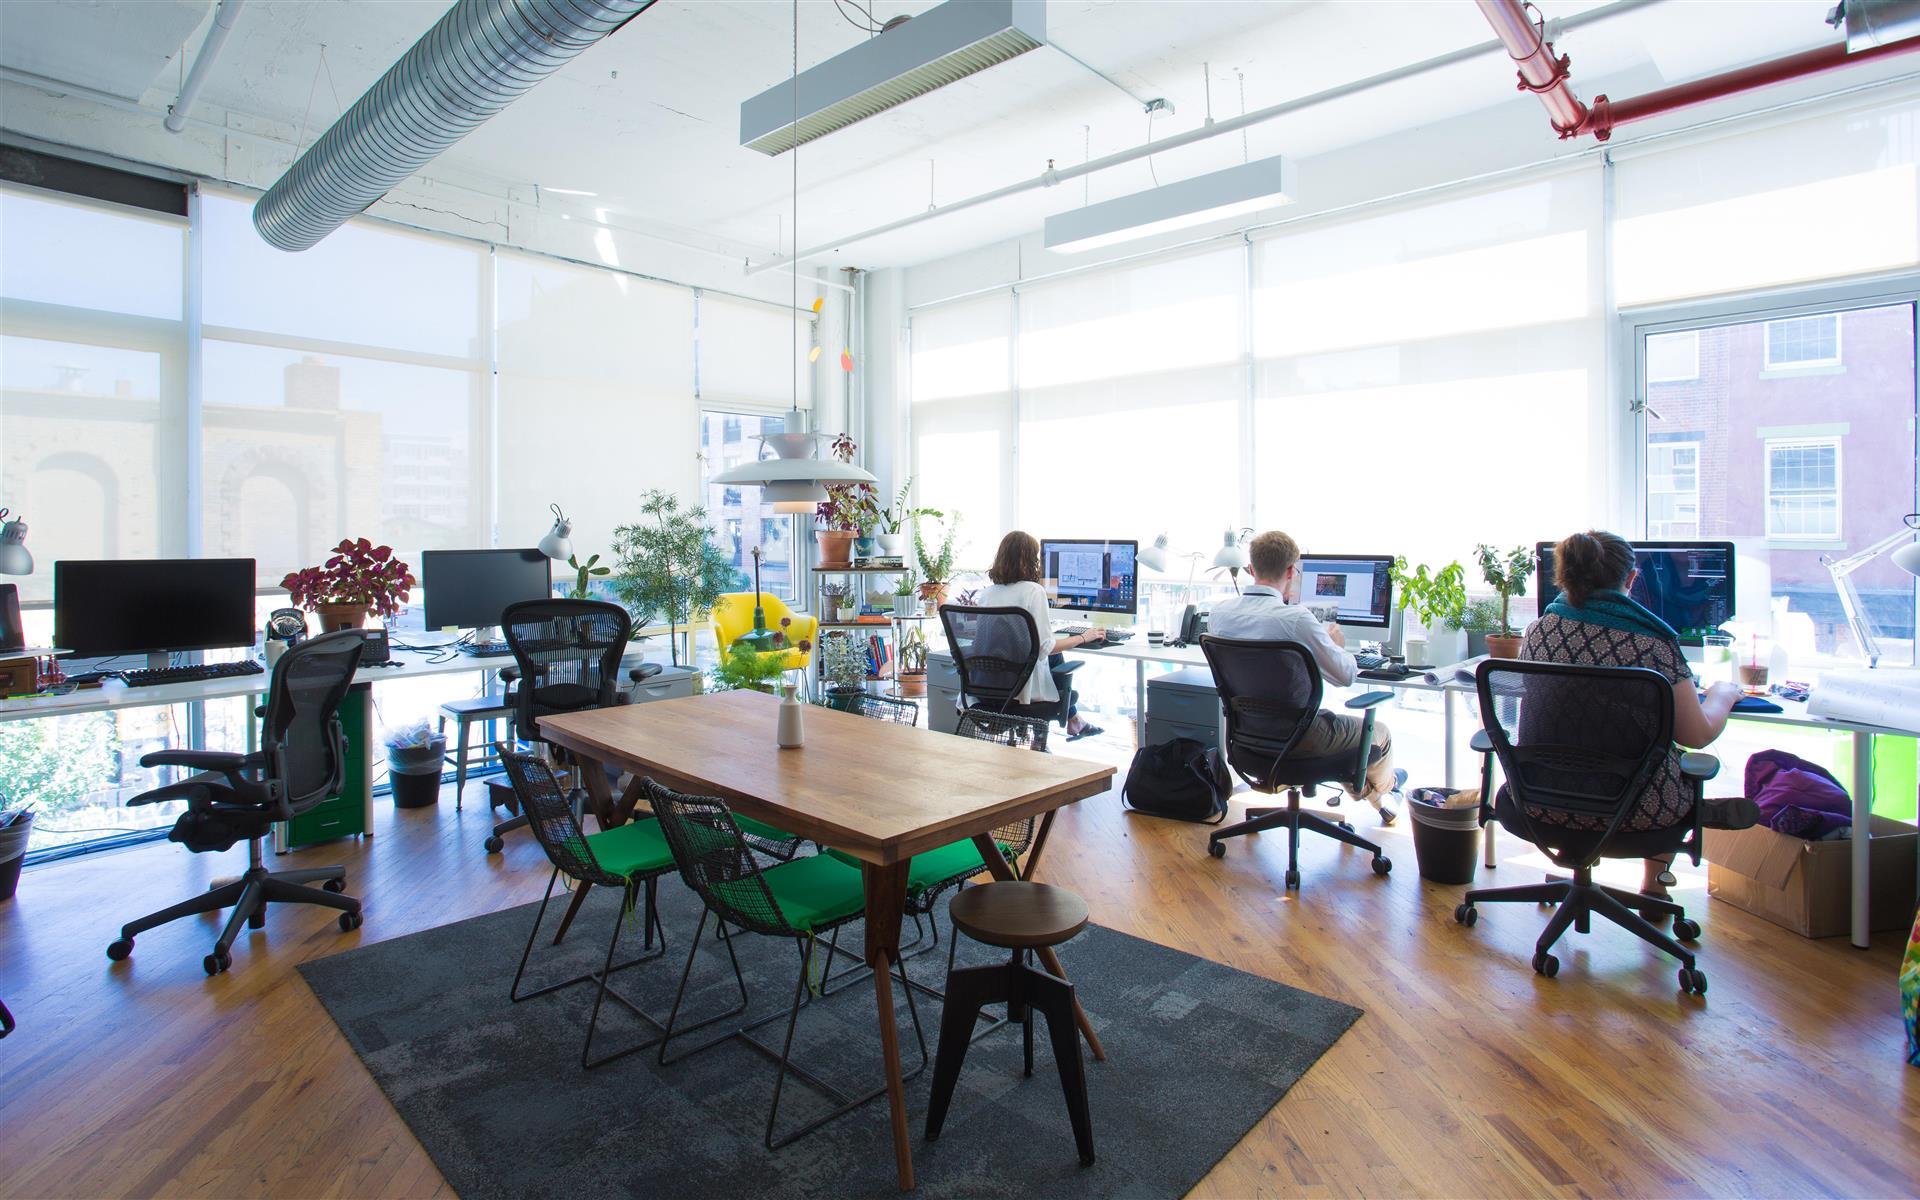 Green Desk - 240 Kent Ave - Fully Furnished 11 Desk Office